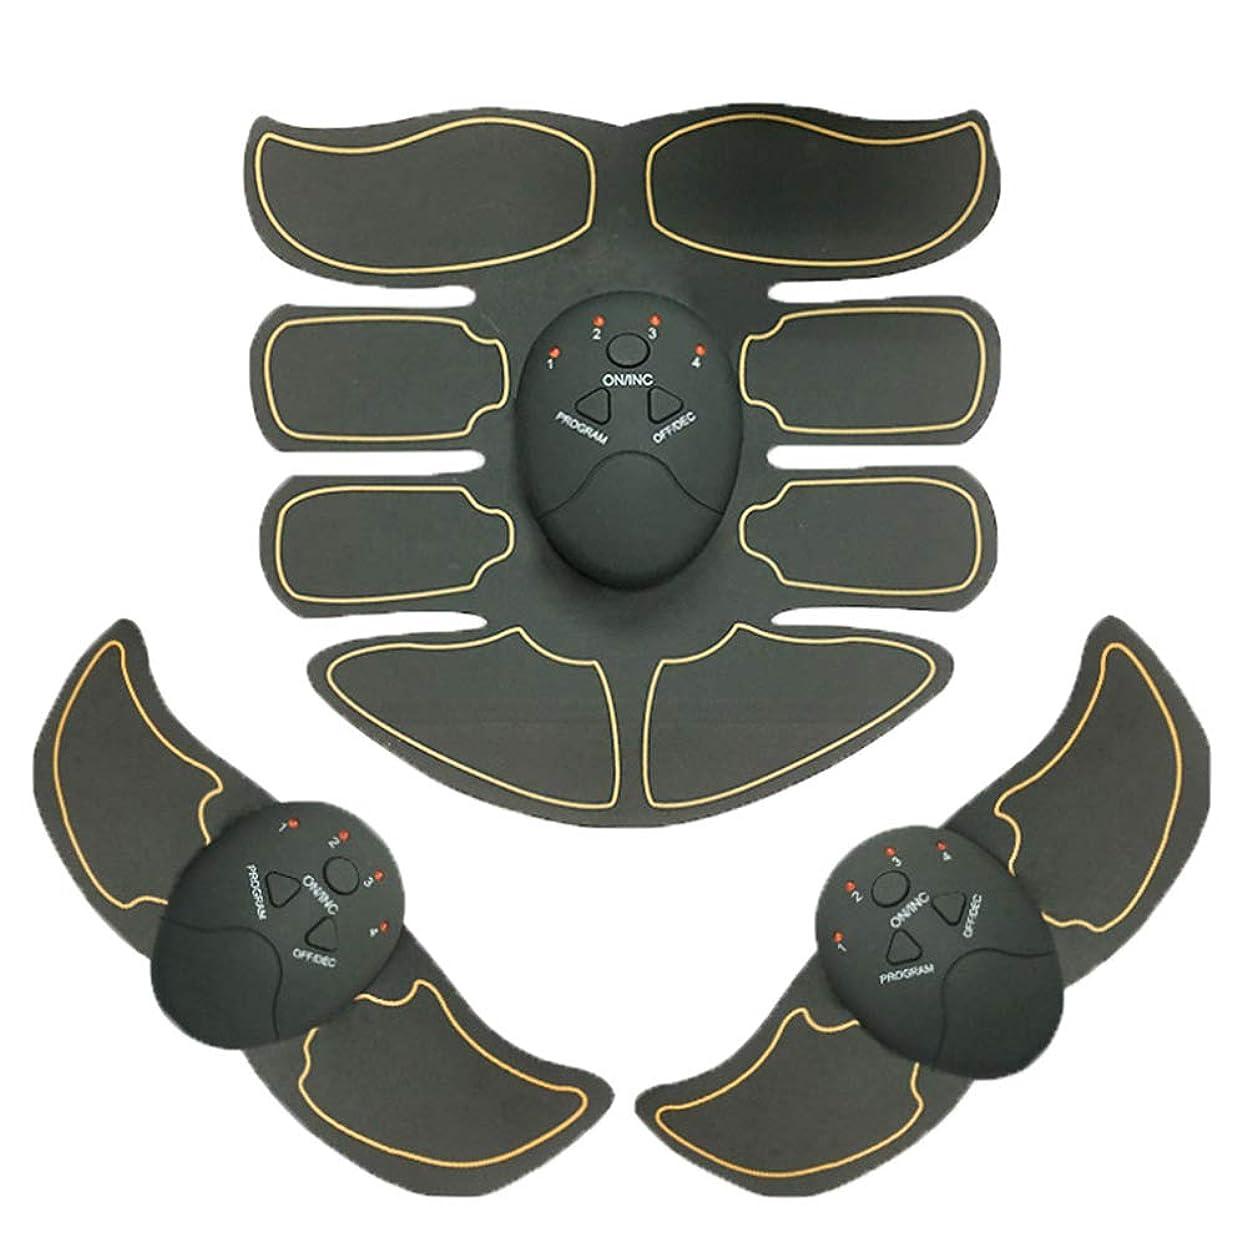 ビジター前述のとげ腹部トレーナーバッテリーホームフィットネス腹部楽器筋肉トレーナー腹筋腹部腹部ペーストホット,Gray